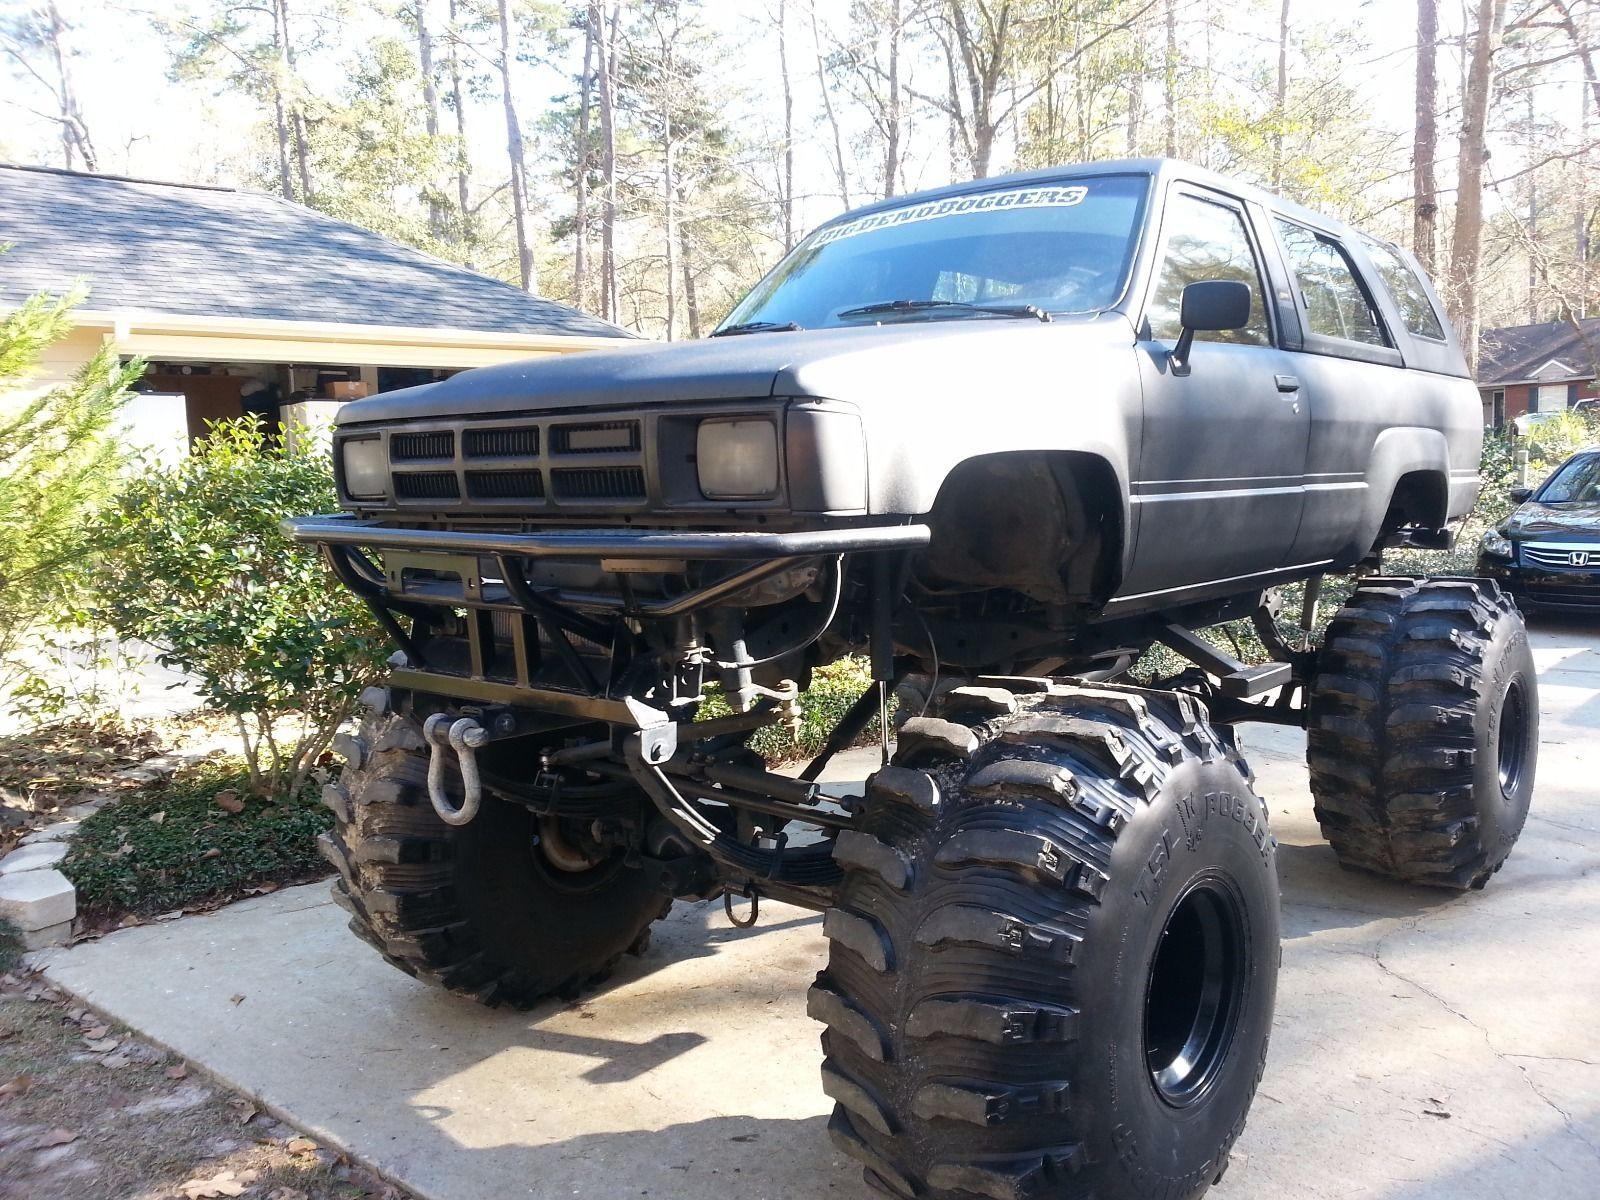 1985 toyota 4 runner sr5 monster bog truck for sale. Black Bedroom Furniture Sets. Home Design Ideas